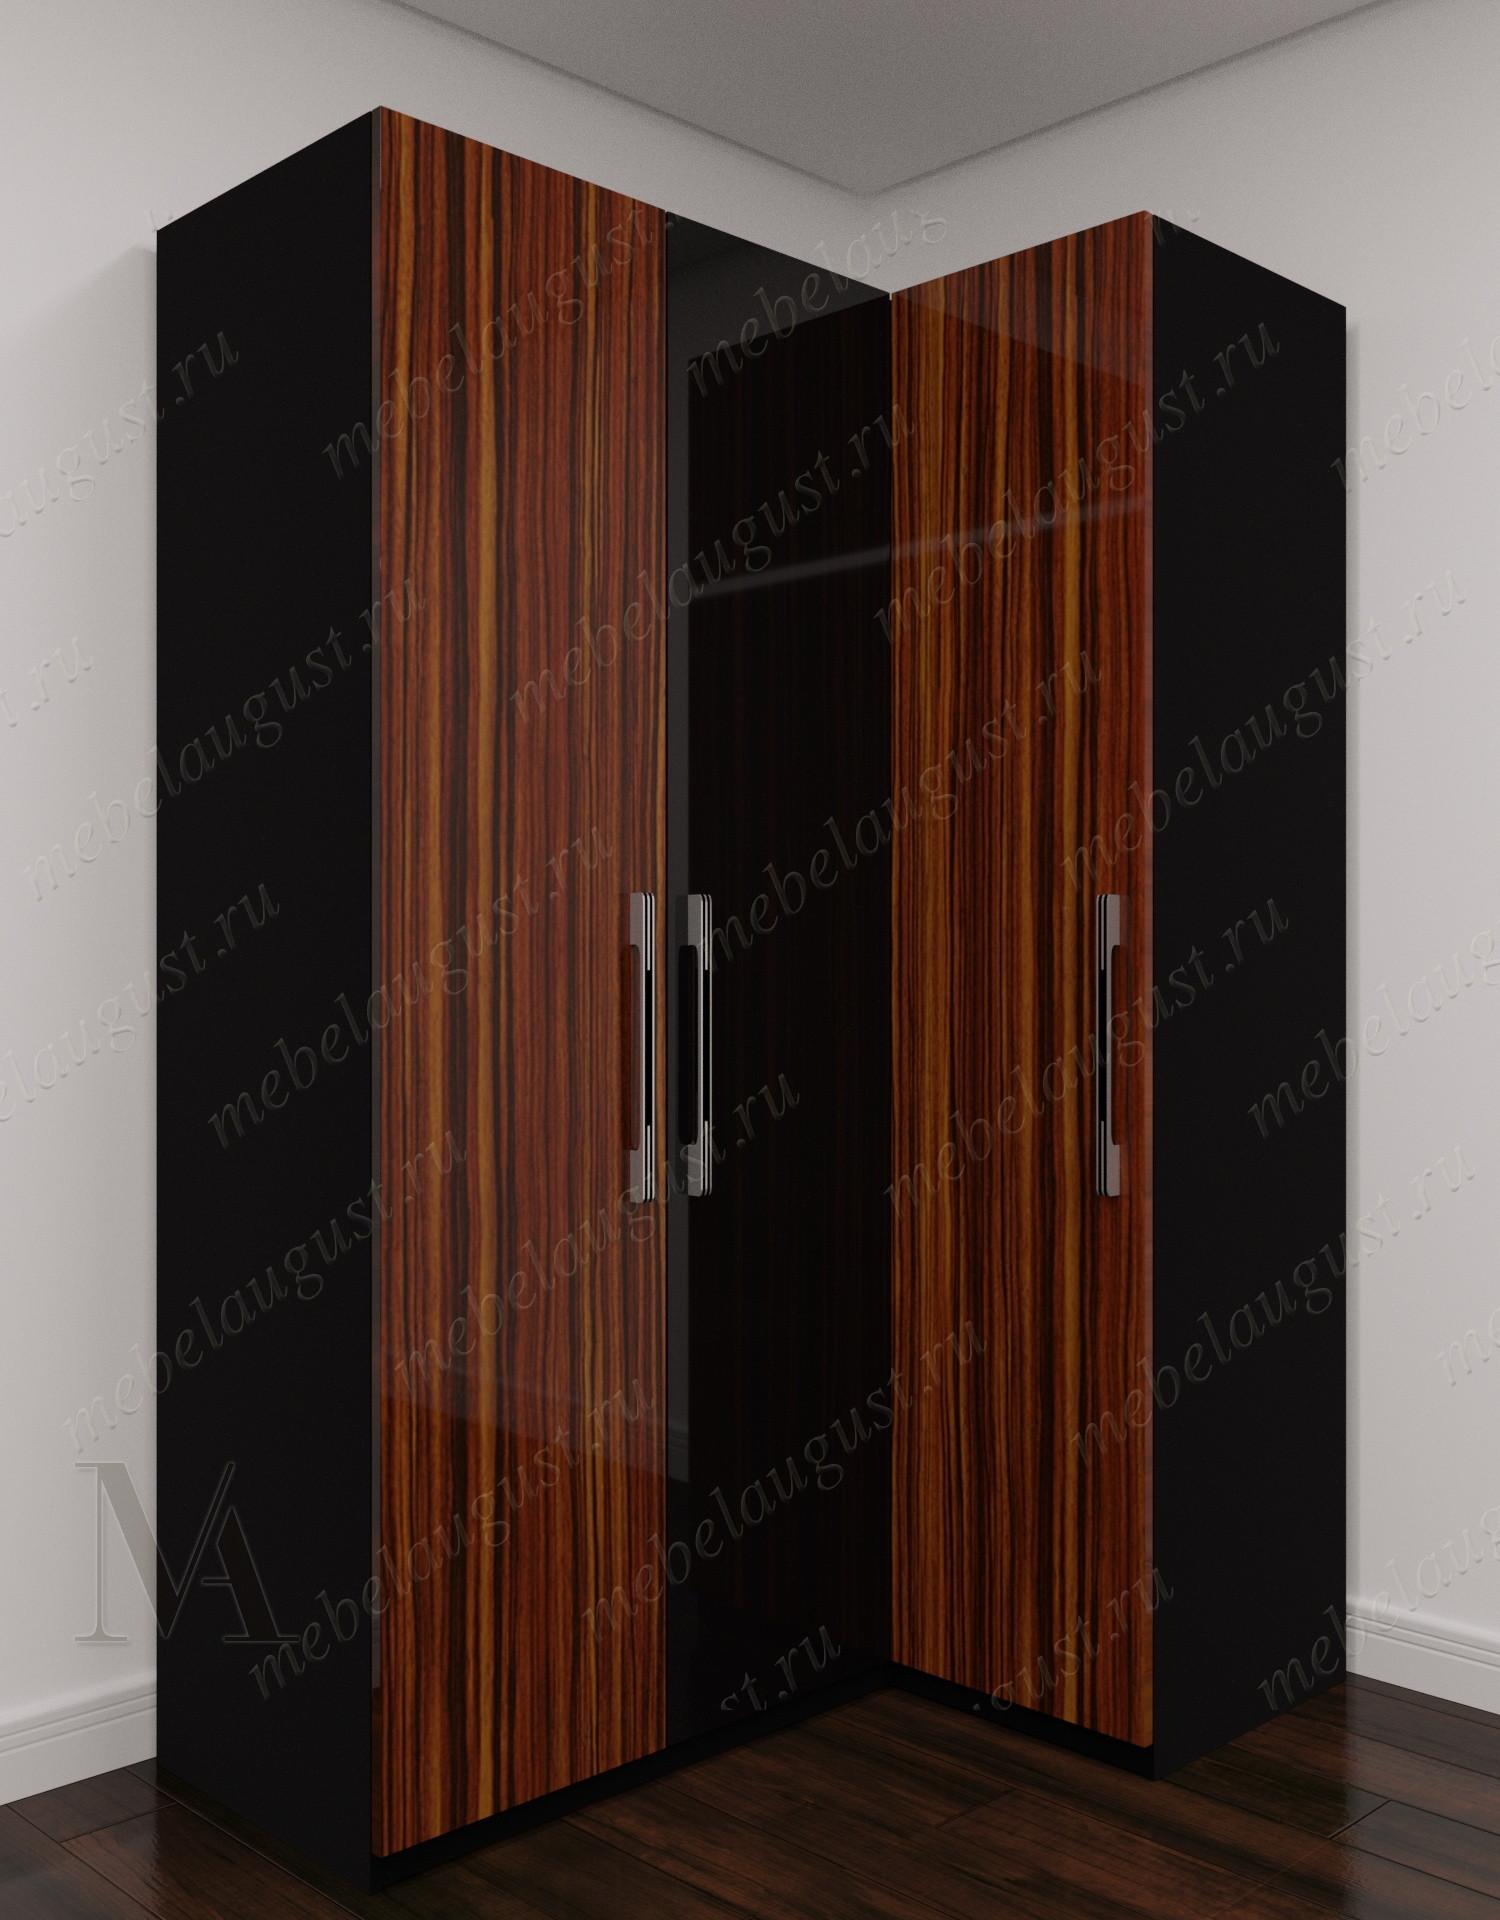 Трехстворчатый угловой распашной шкаф для одежды в прихожую